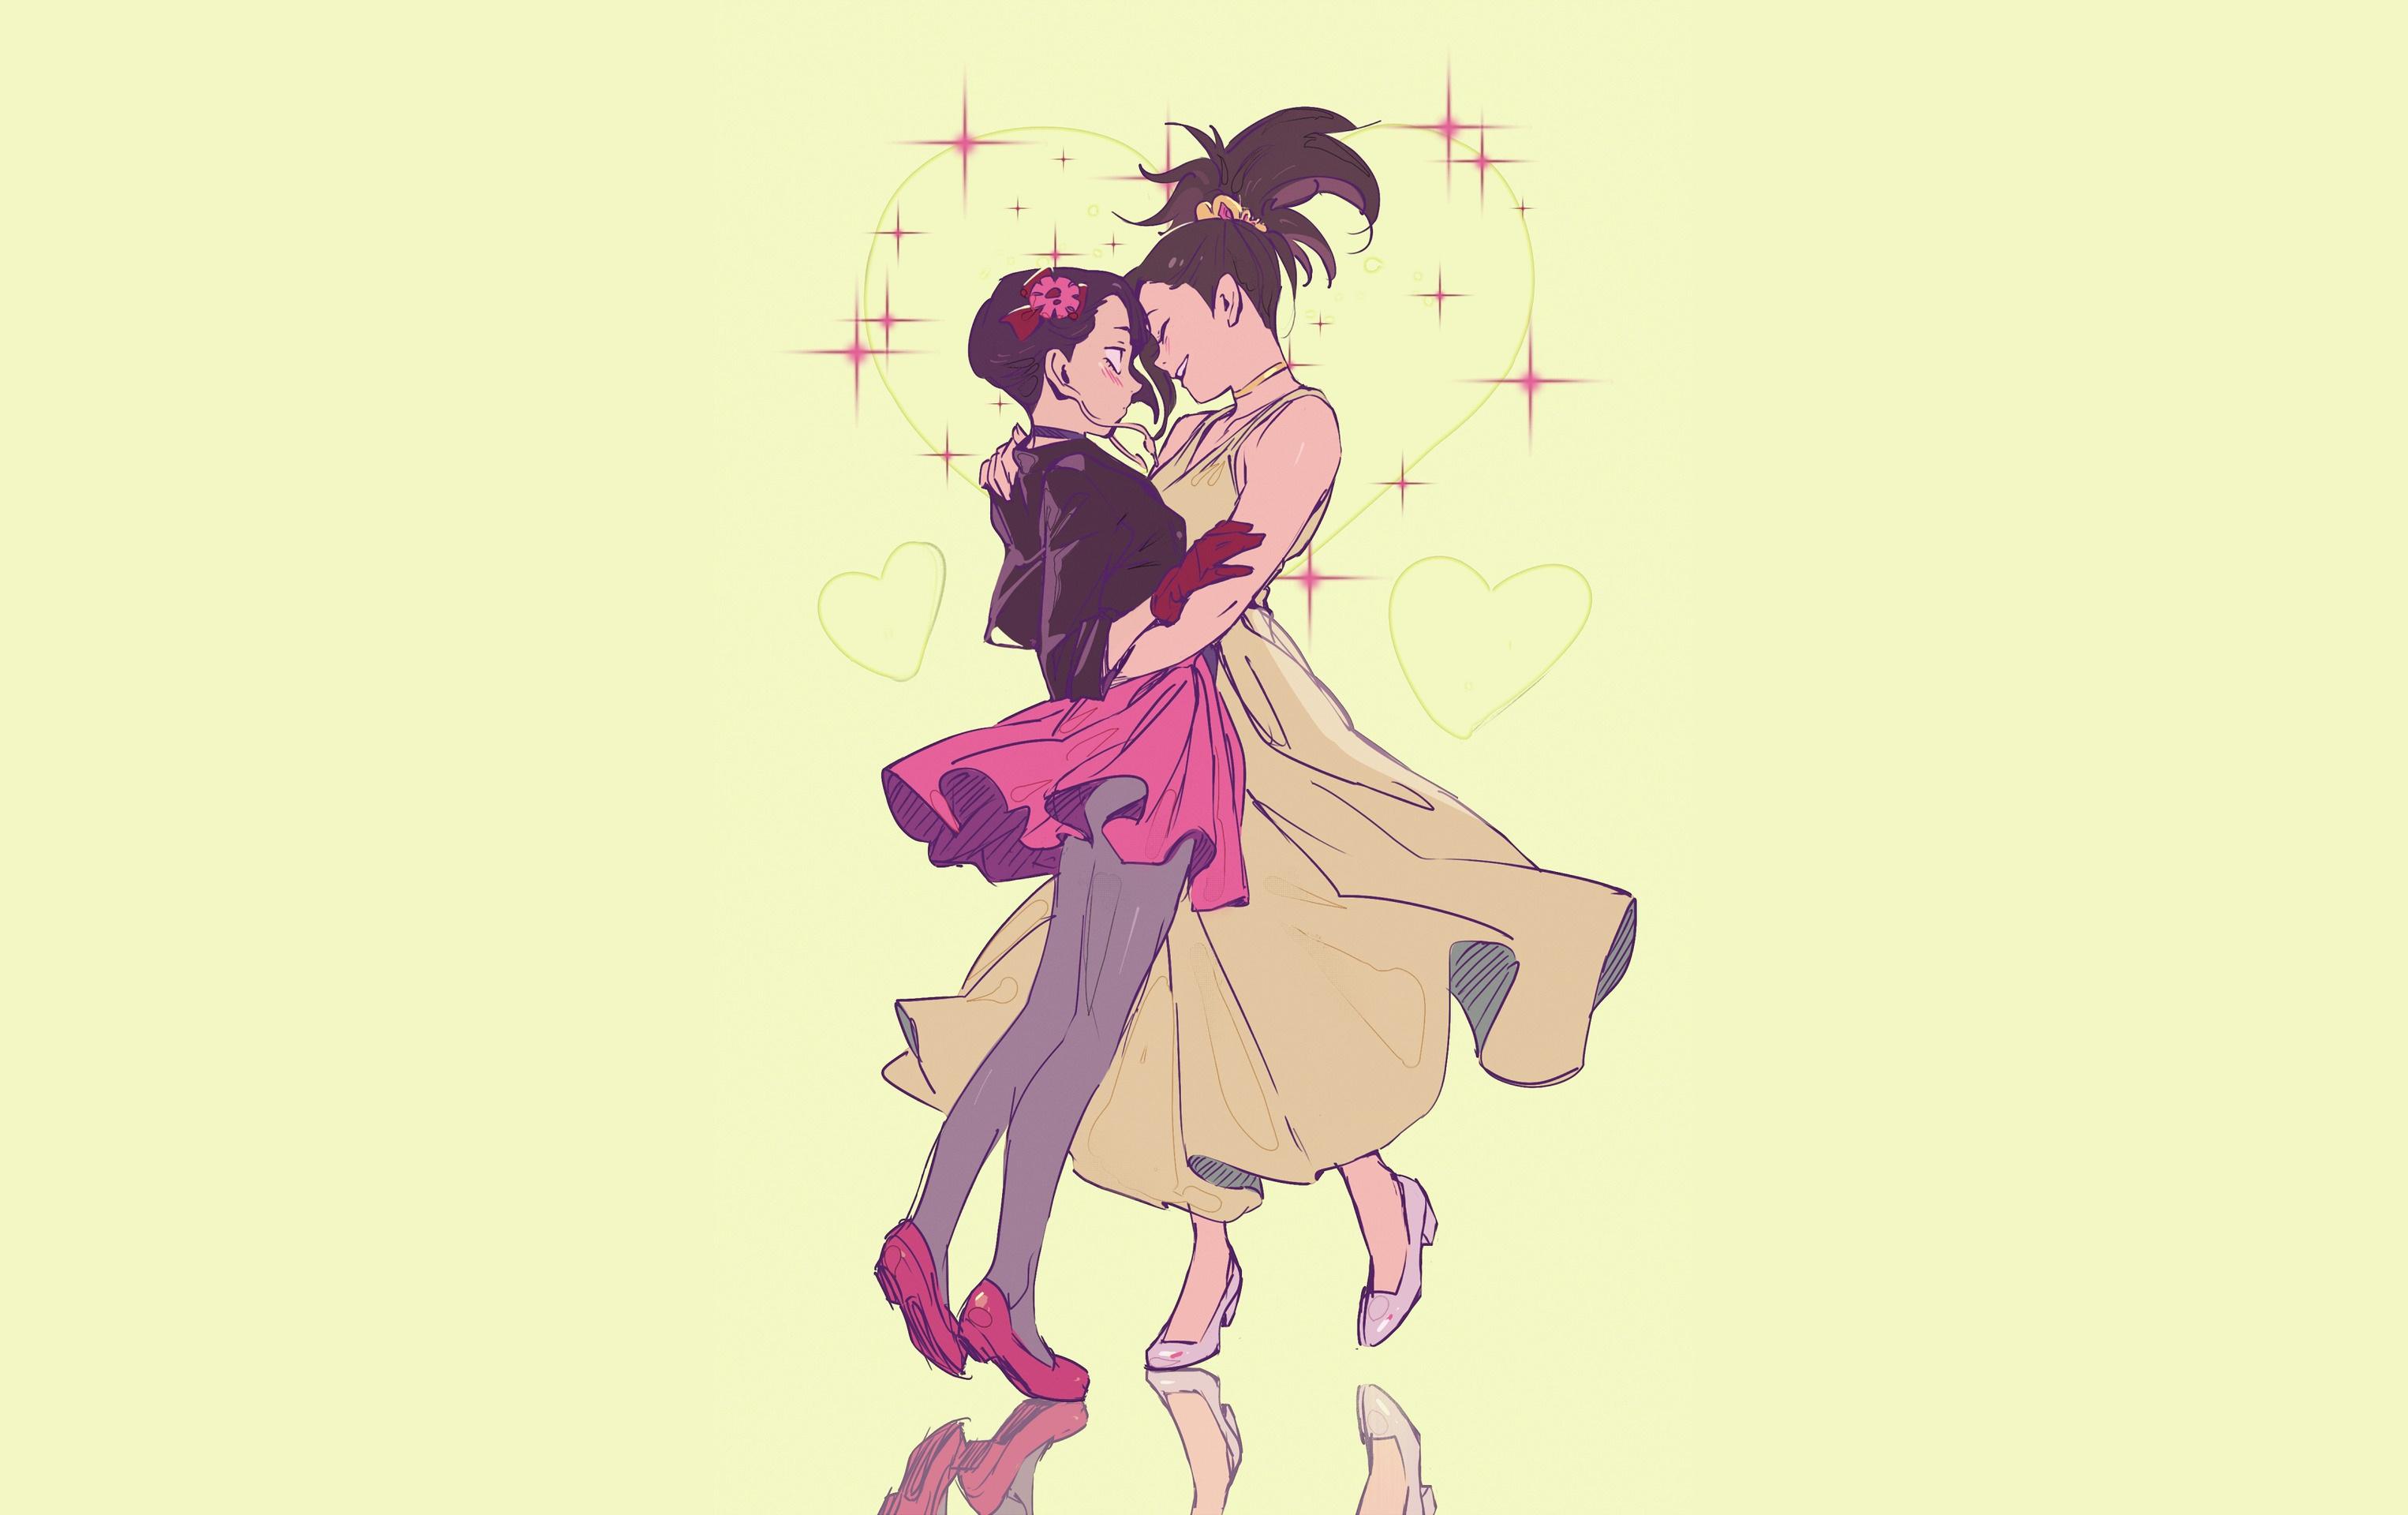 Wallpaper Boku No Hero Boku No Hero Academia Anime Girls